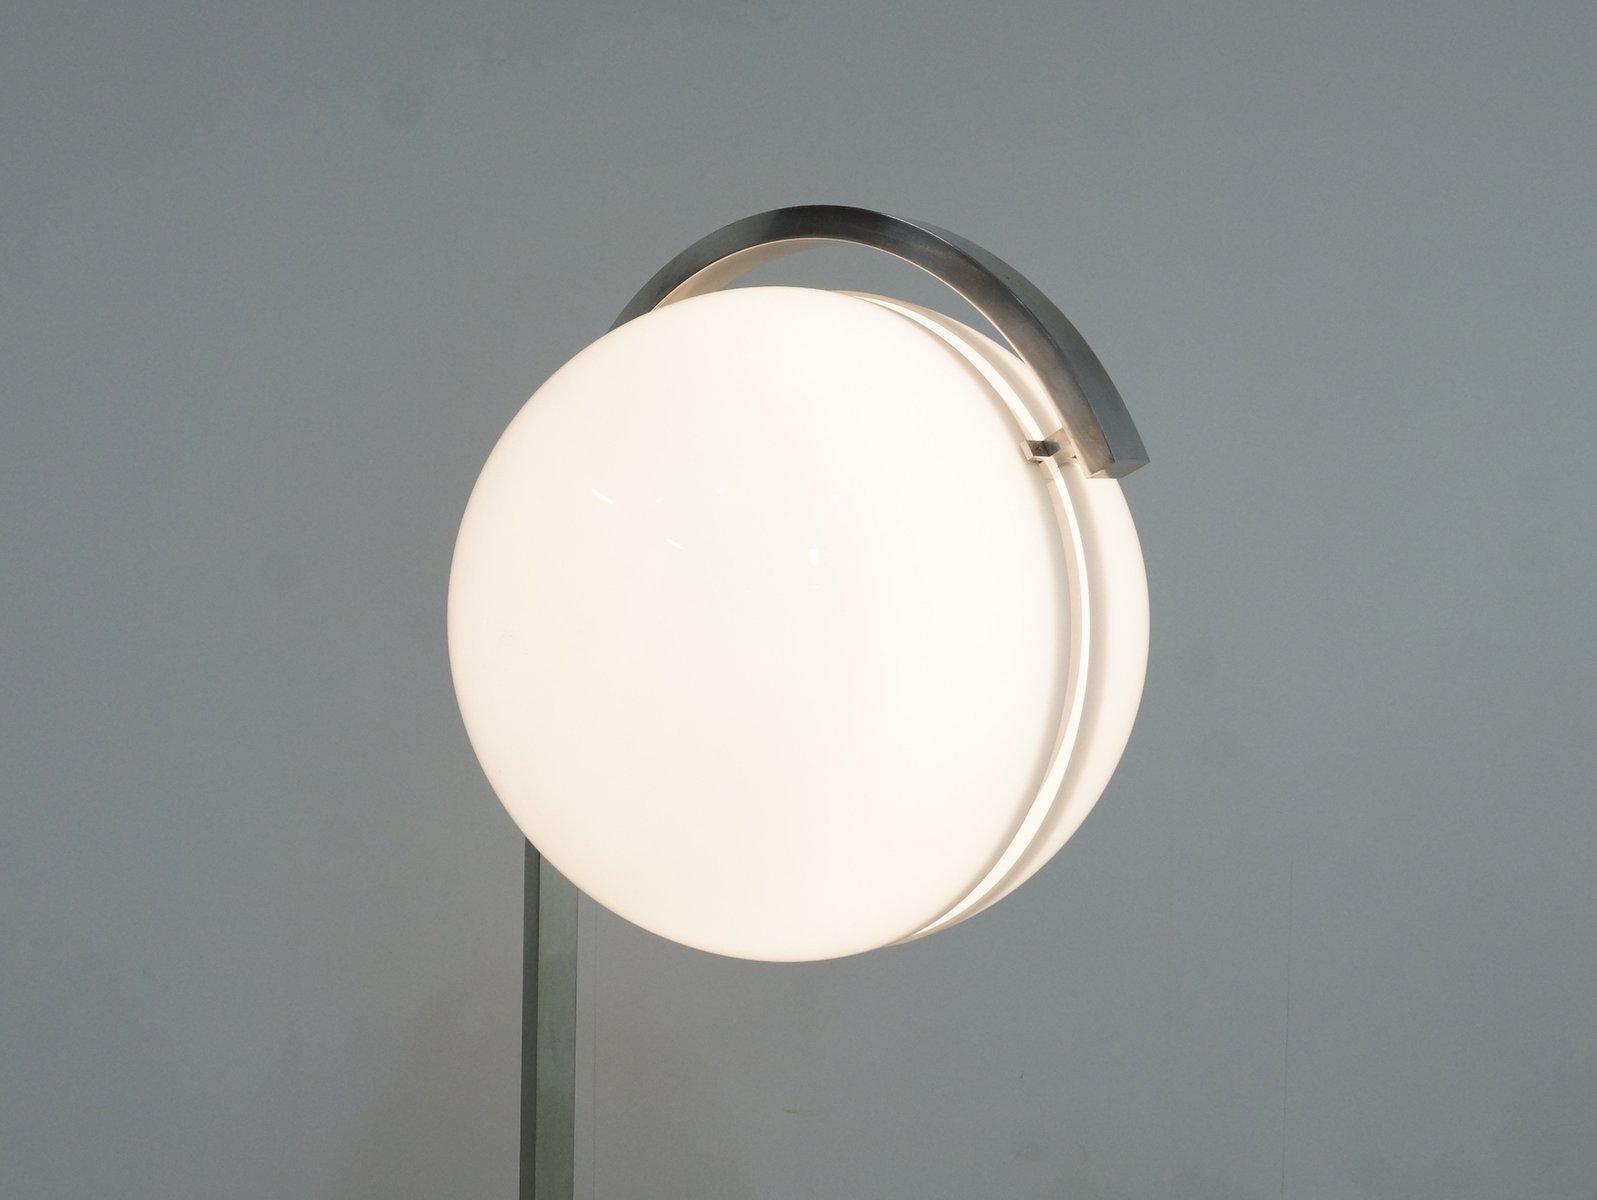 Acrylic Globe Floor Lamp on Carrara Marble Base from ...